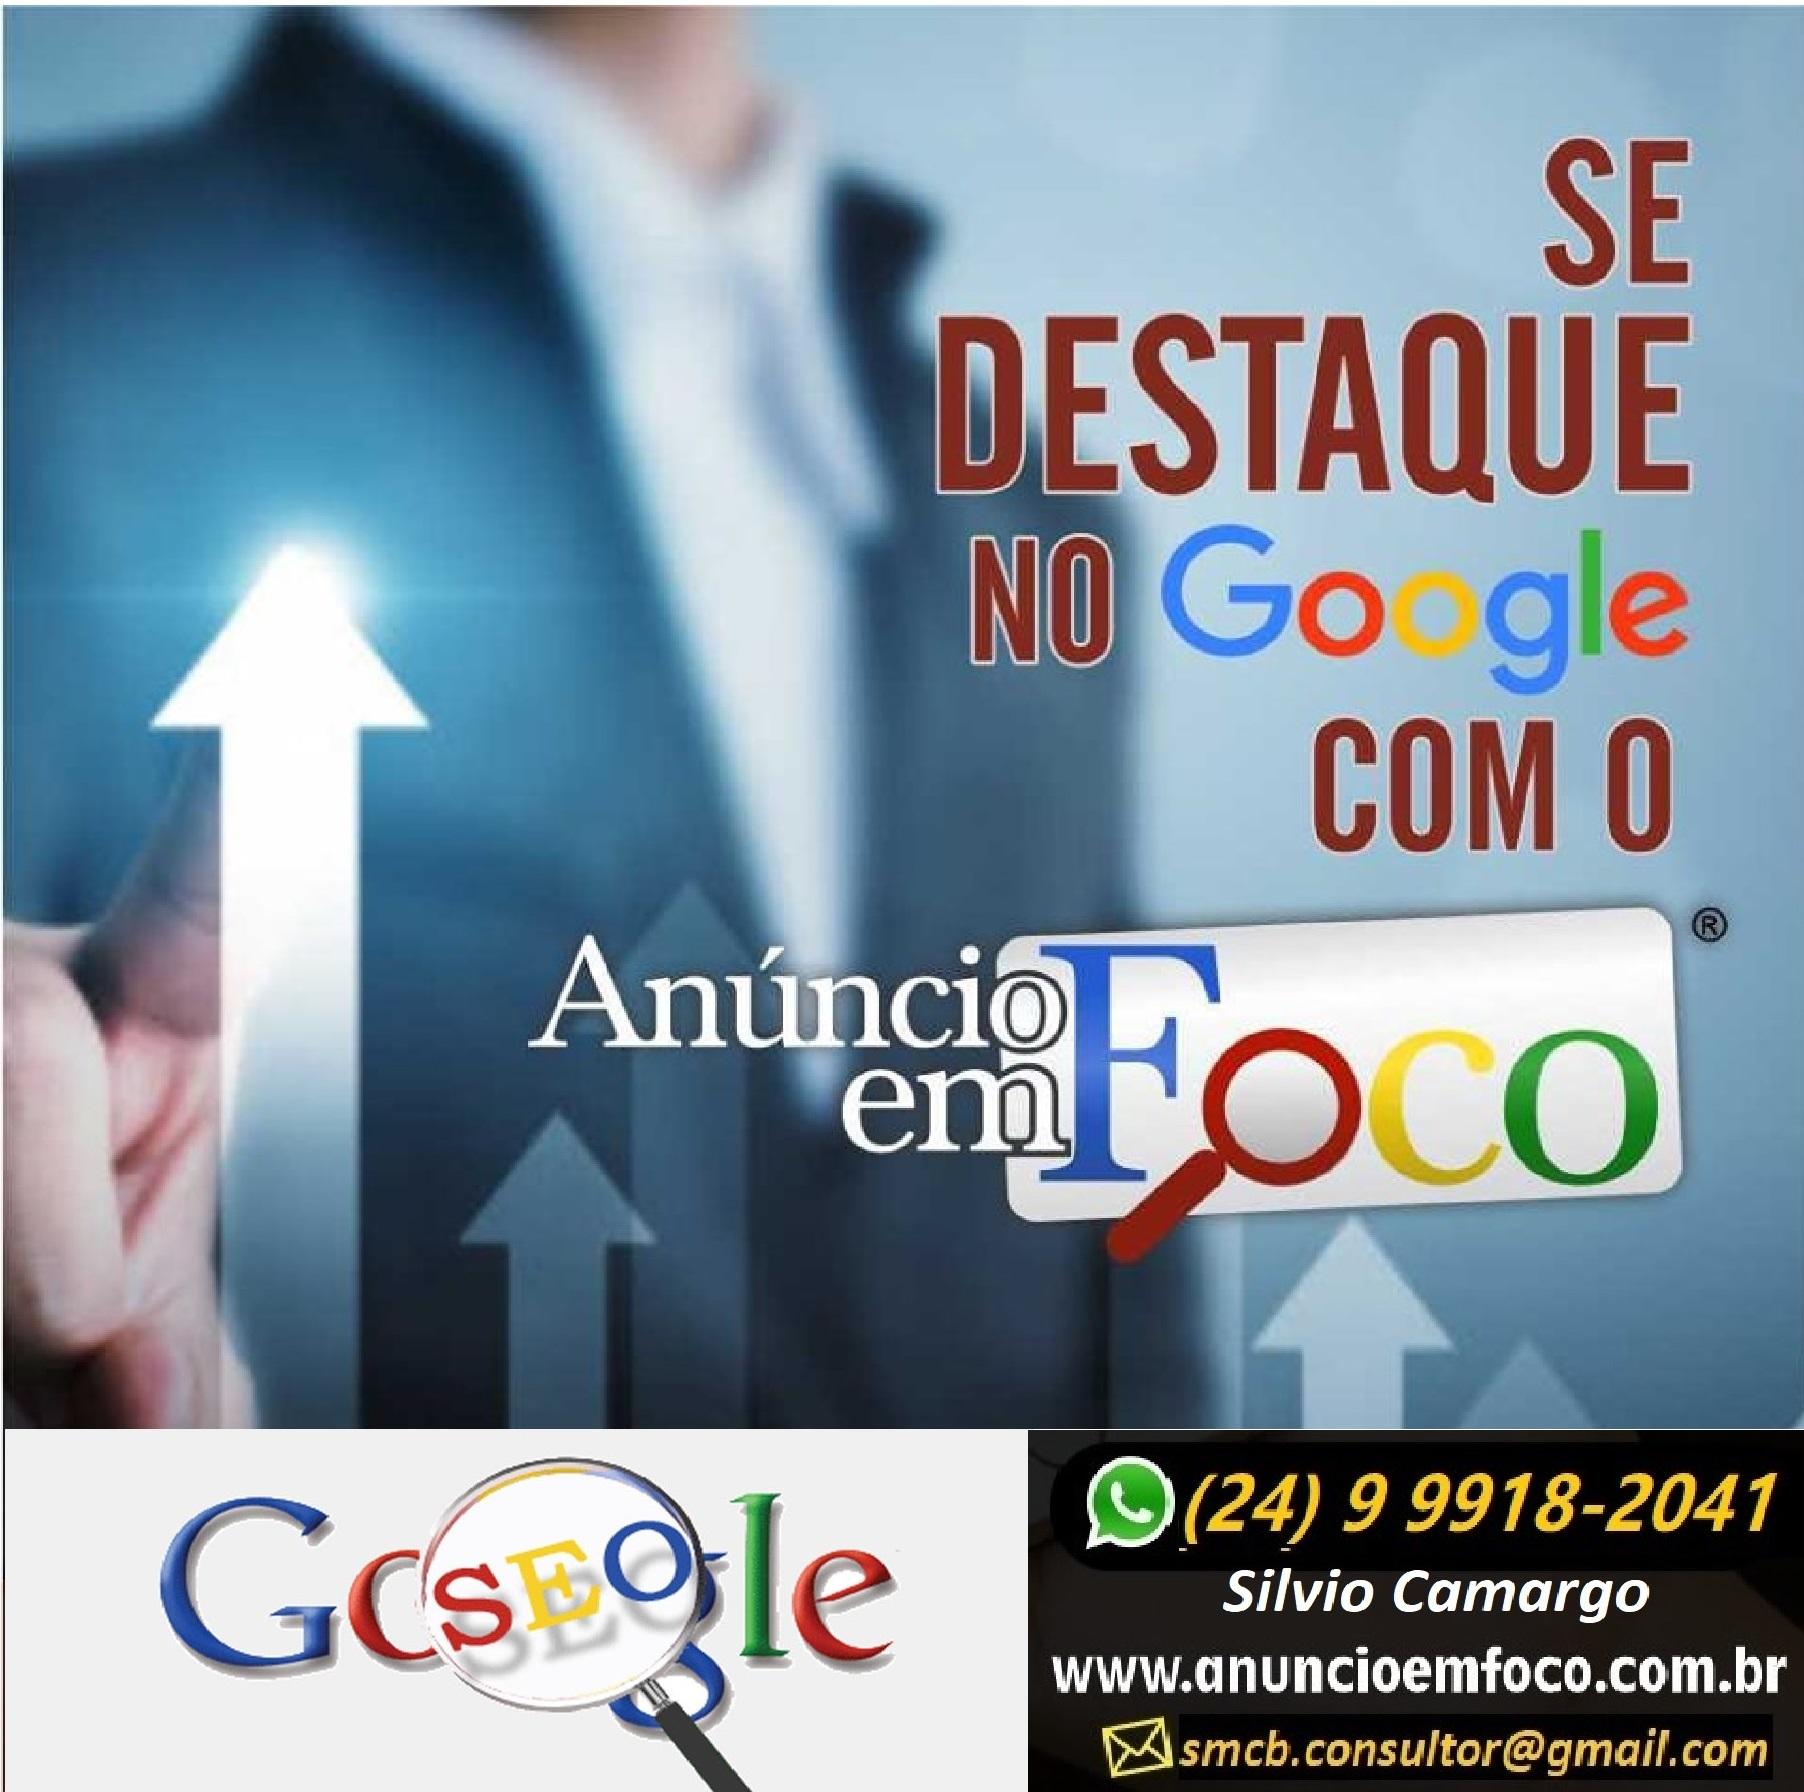 Especialista em Google em Volta Redonda RJ - Anuncio em Foco